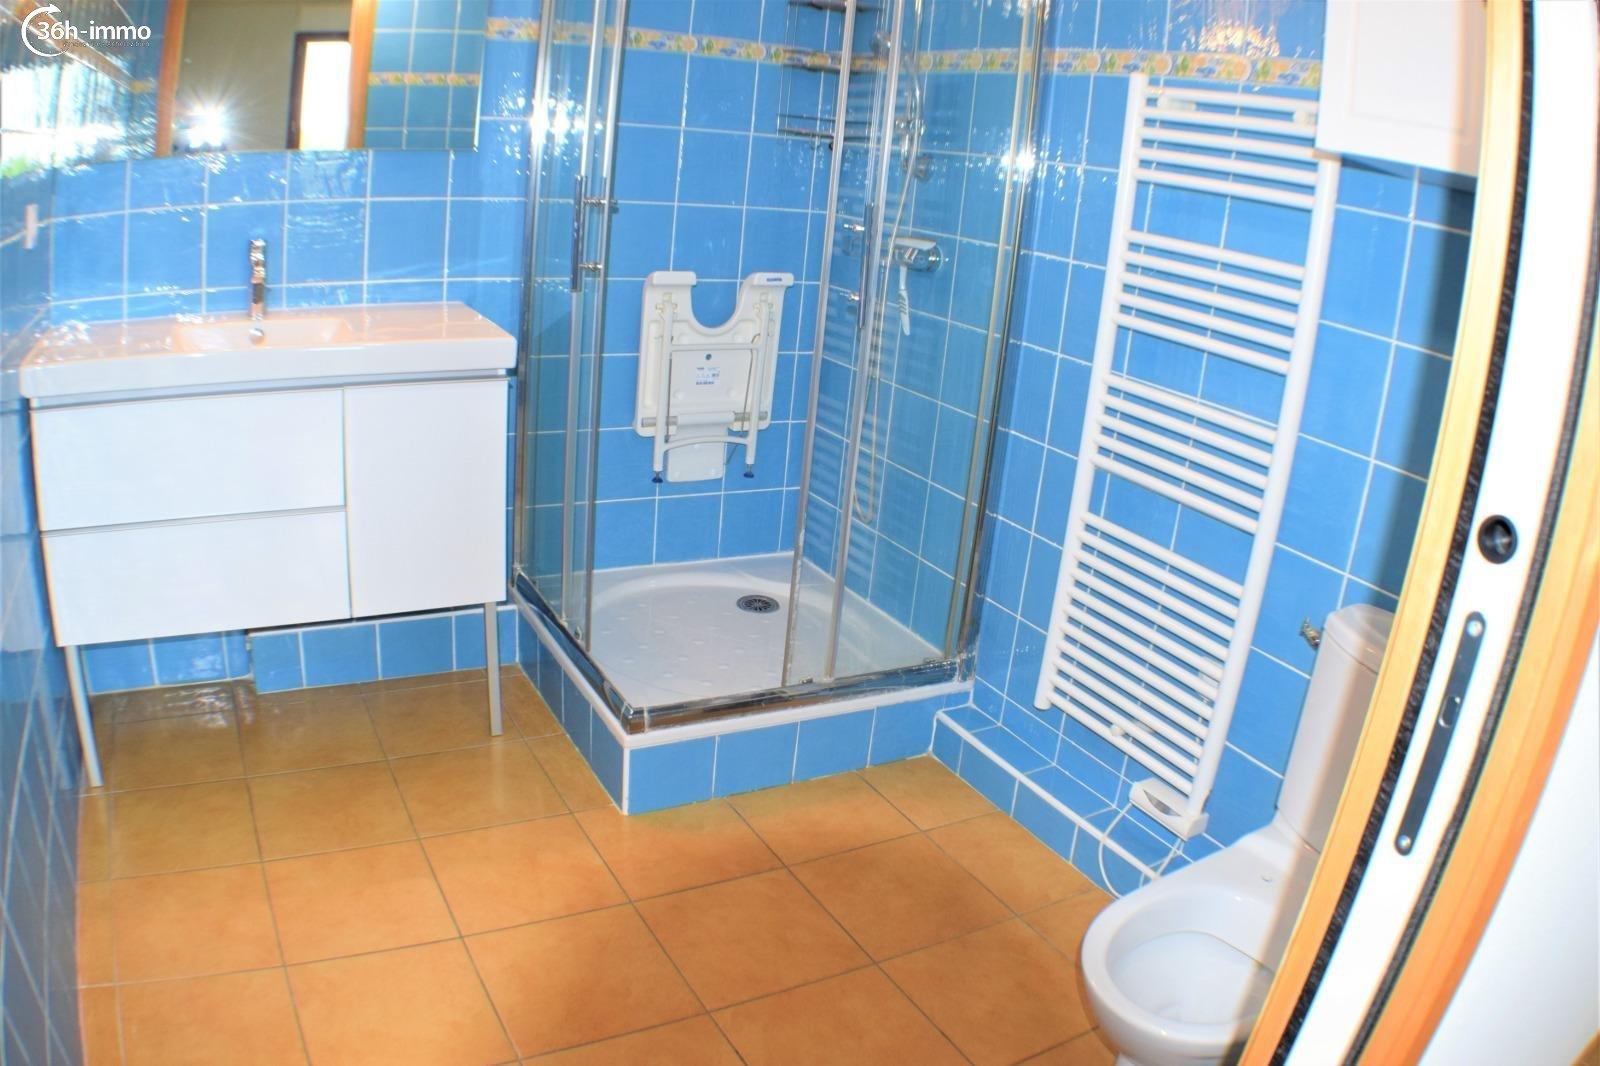 Appartement Saint-Martin-de-Crau 13310 Bouches-du-Rhone 51 m<sup>2</sup> 2 pi&eagrave;ces 170000 euros